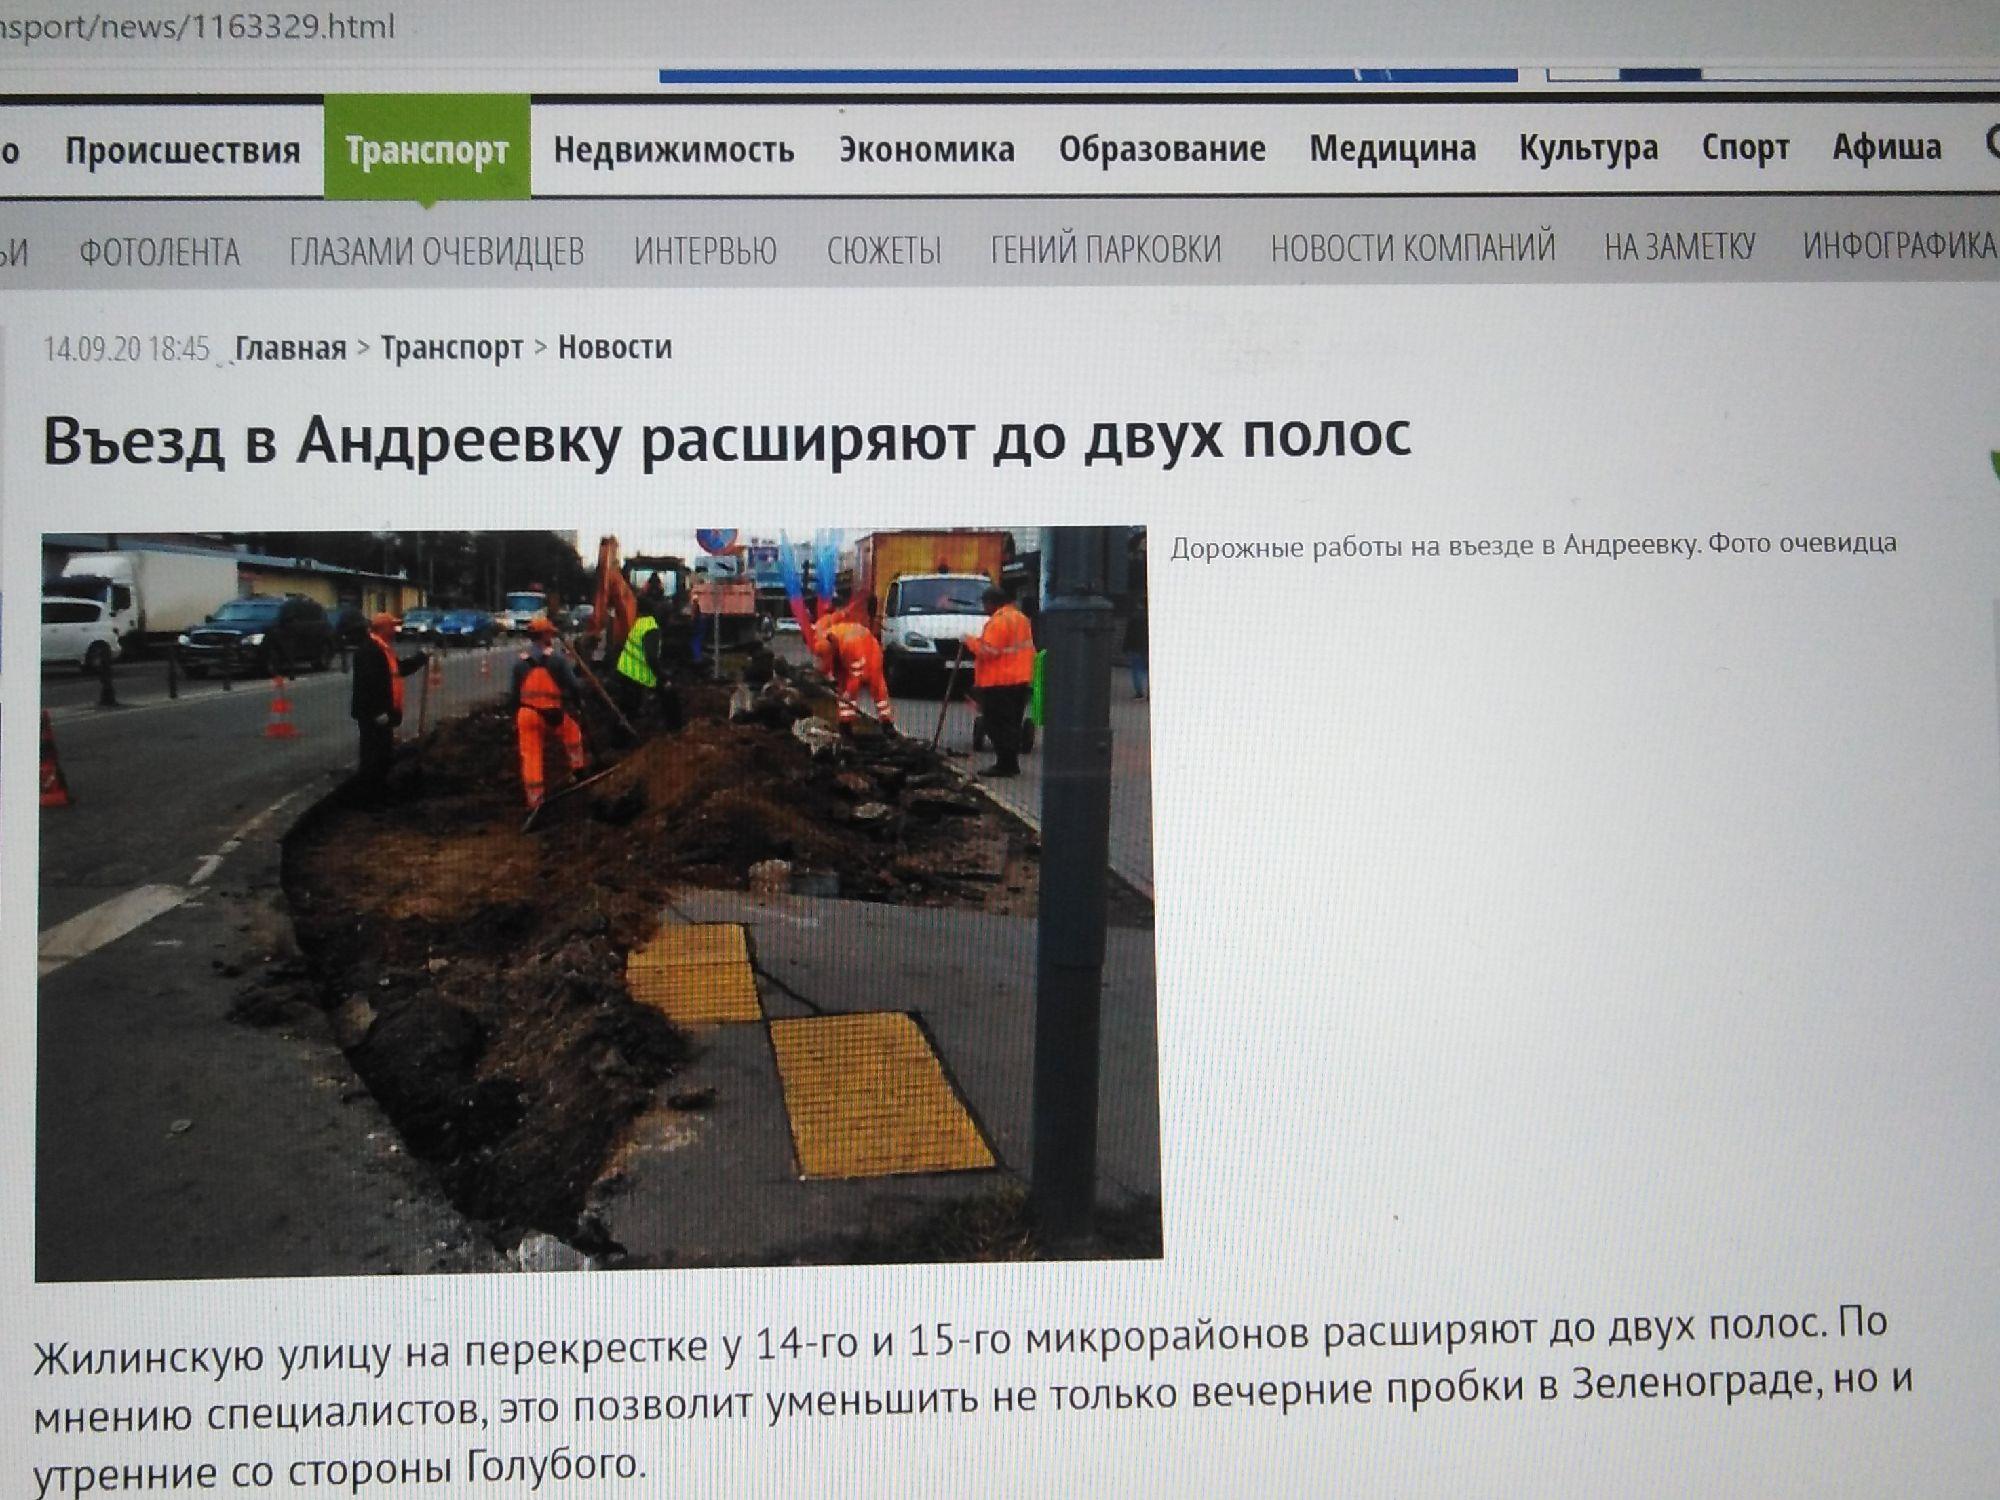 Реклама сайта в интернете Утренняя улица интернет реклама своими руками